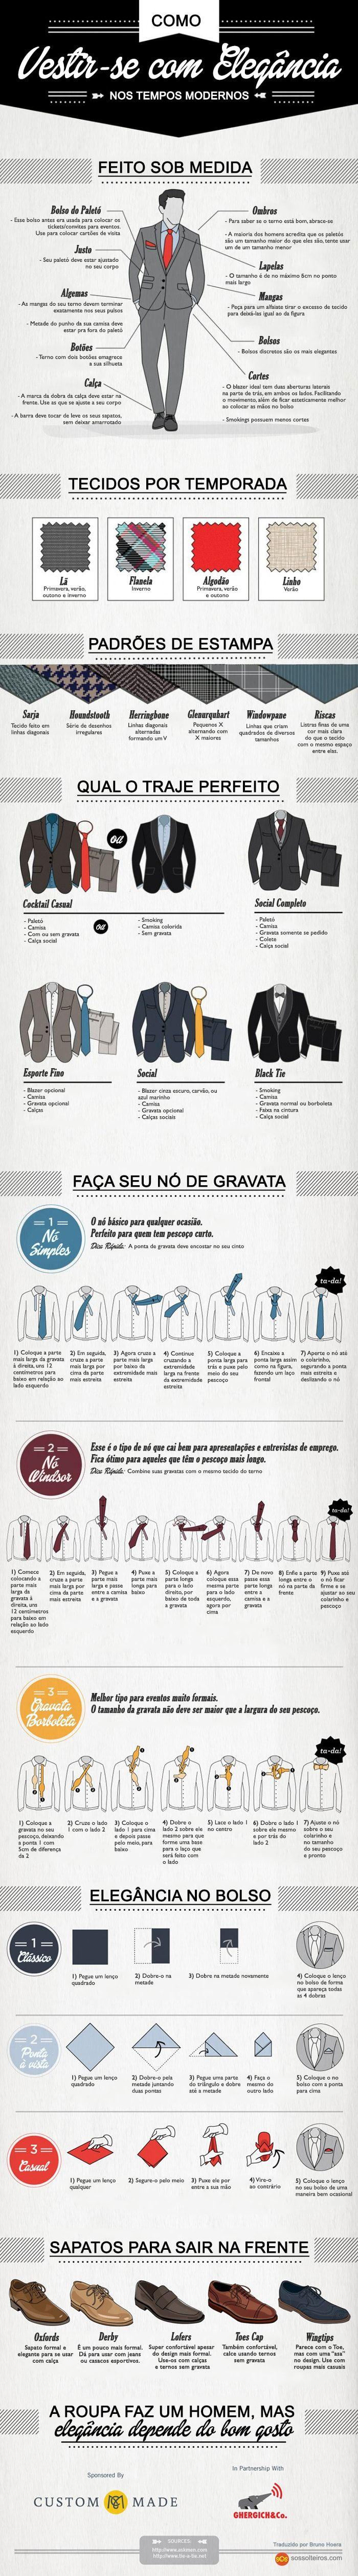 sossolteiros.bol.uol.com.br wp-content uploads 2014 07 vestir-se-com-elegancia-homem1.jpg